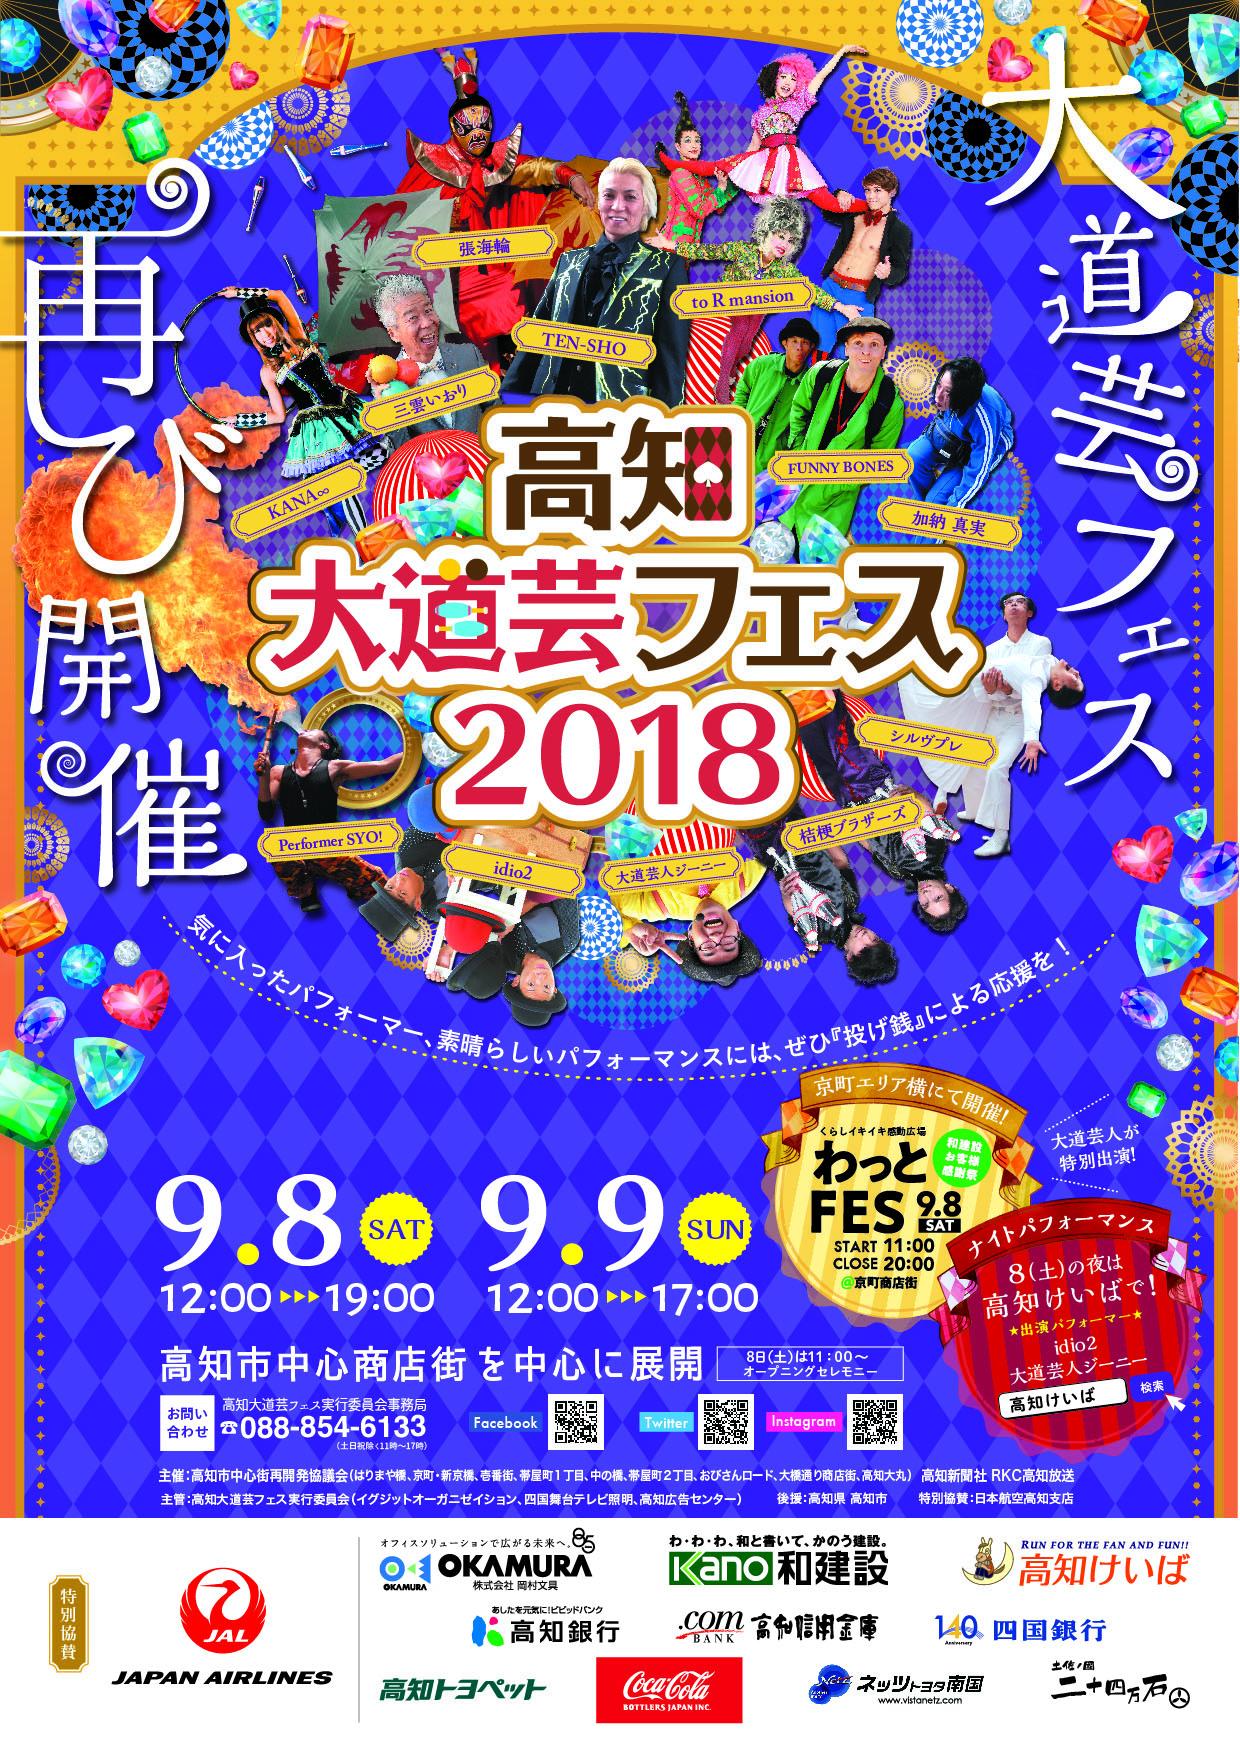 今年も高知大道芸フェスが開催されます